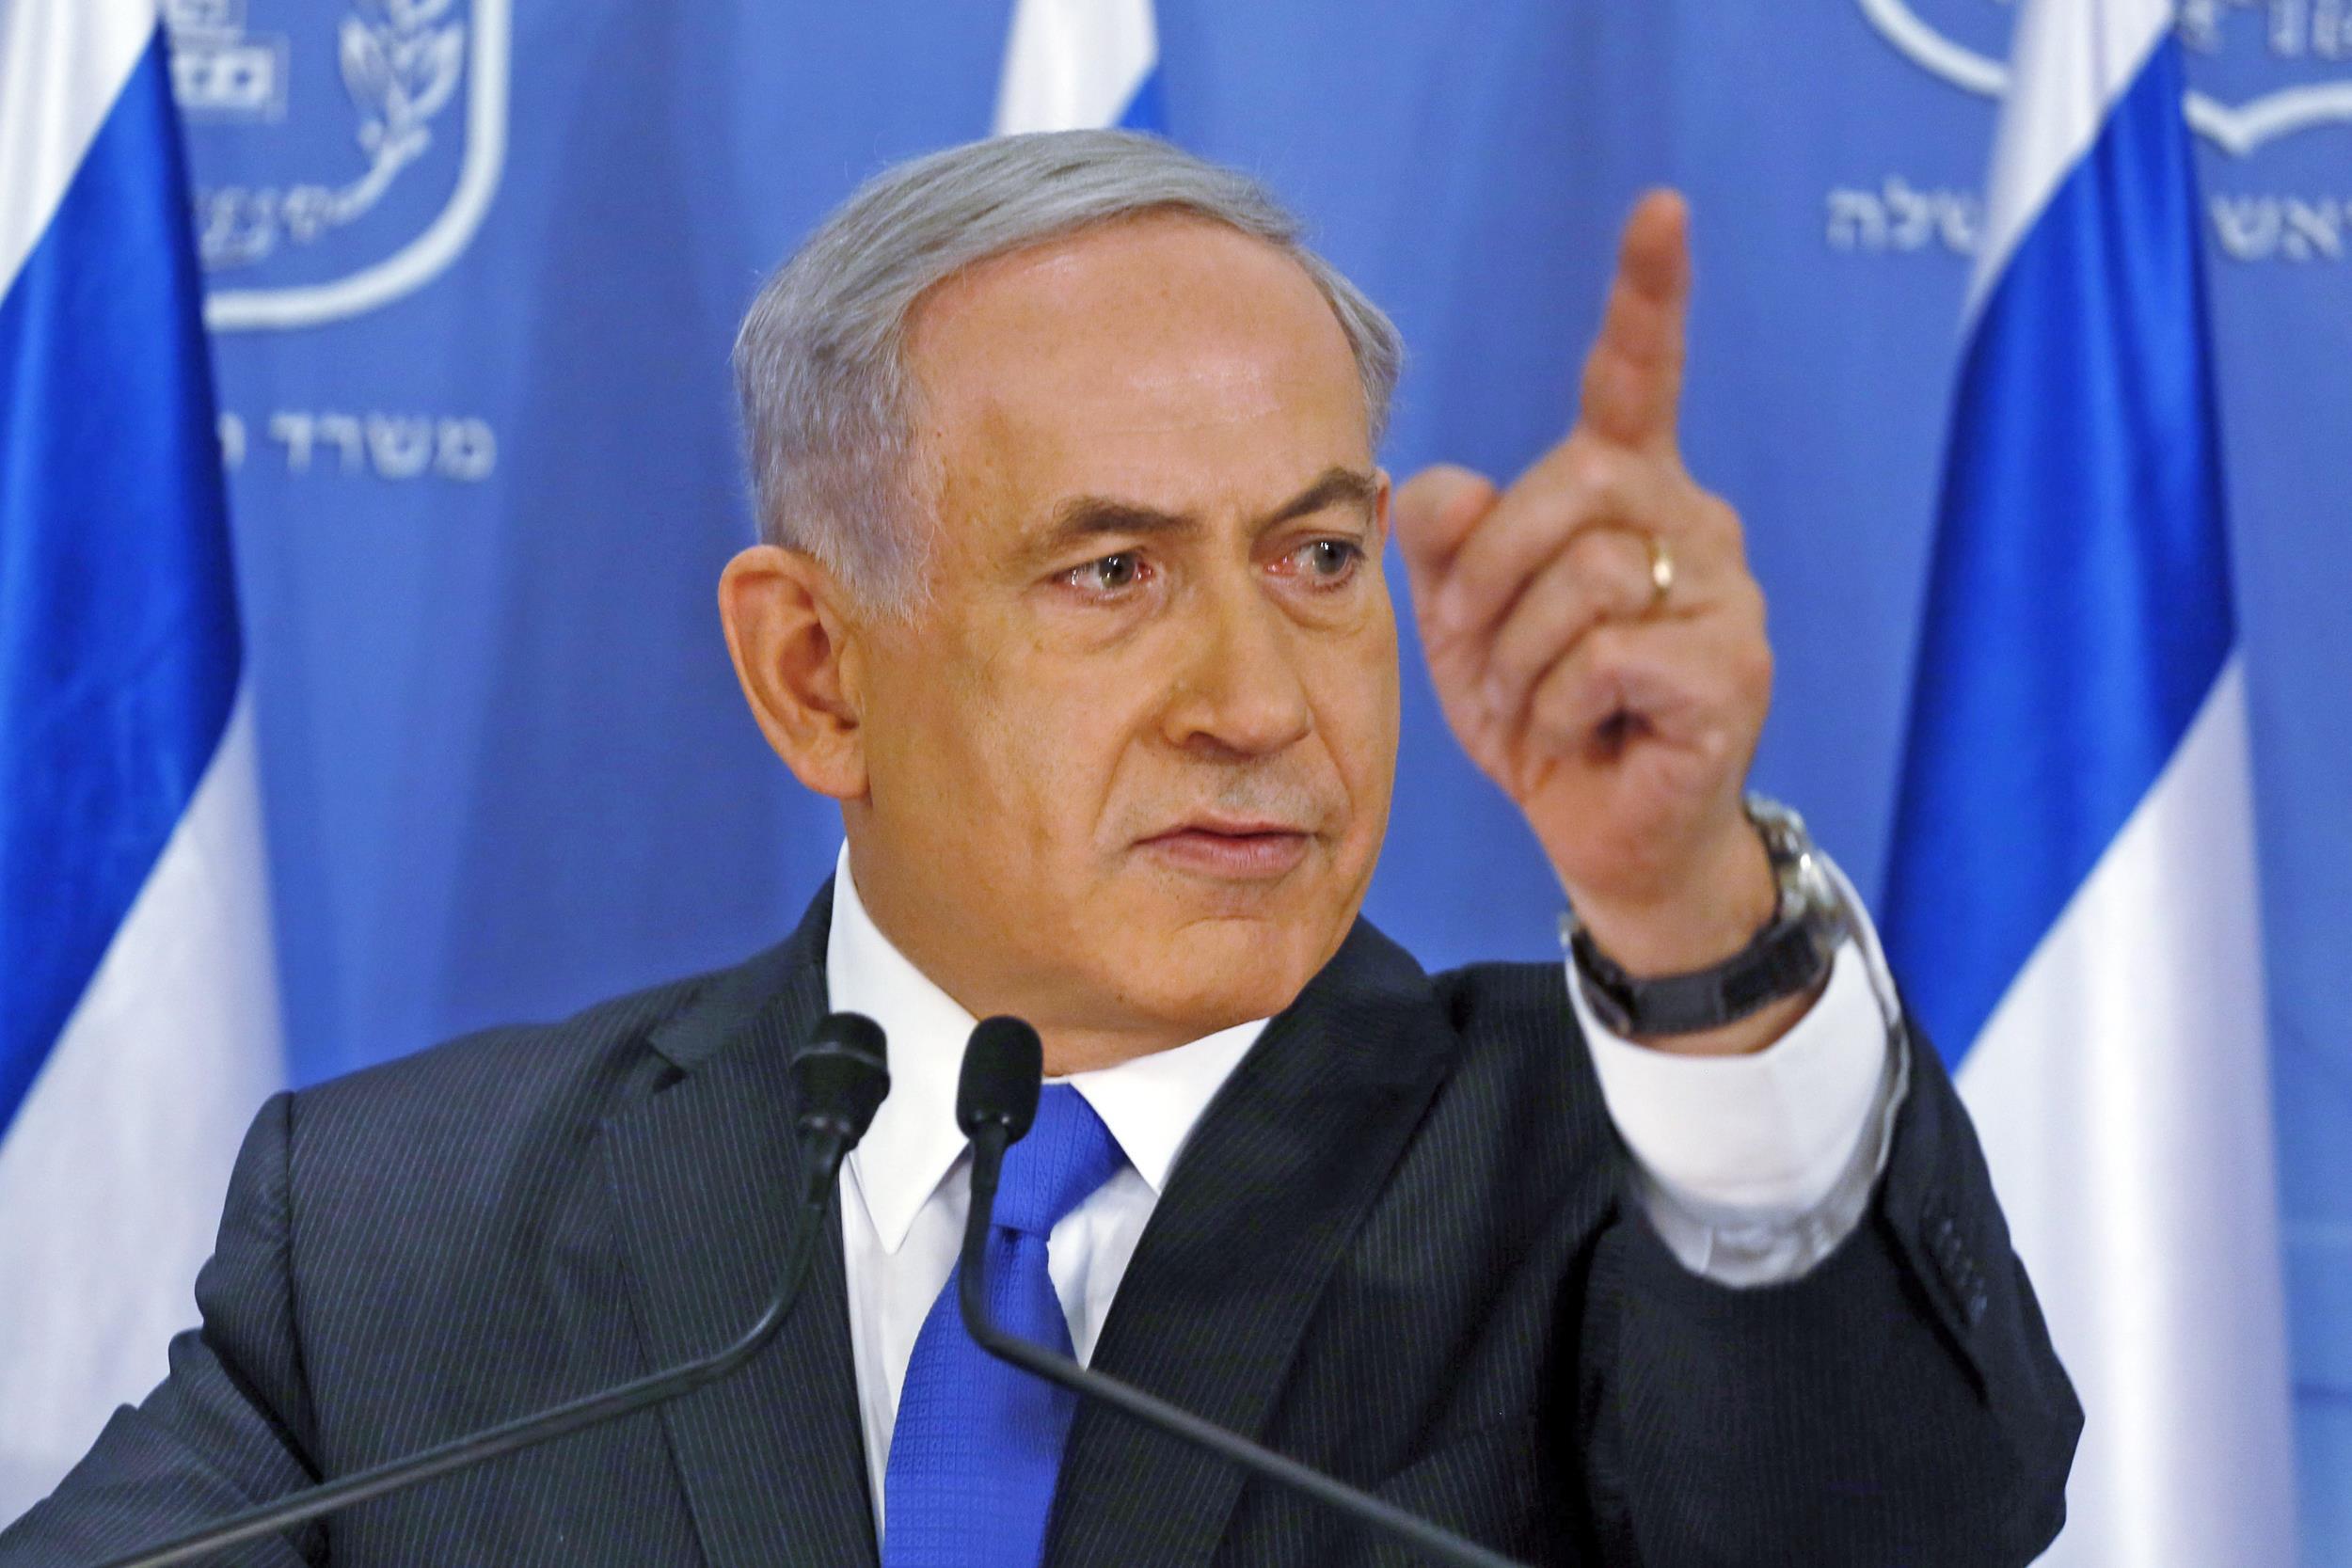 Image: Benjamin Netanyahu